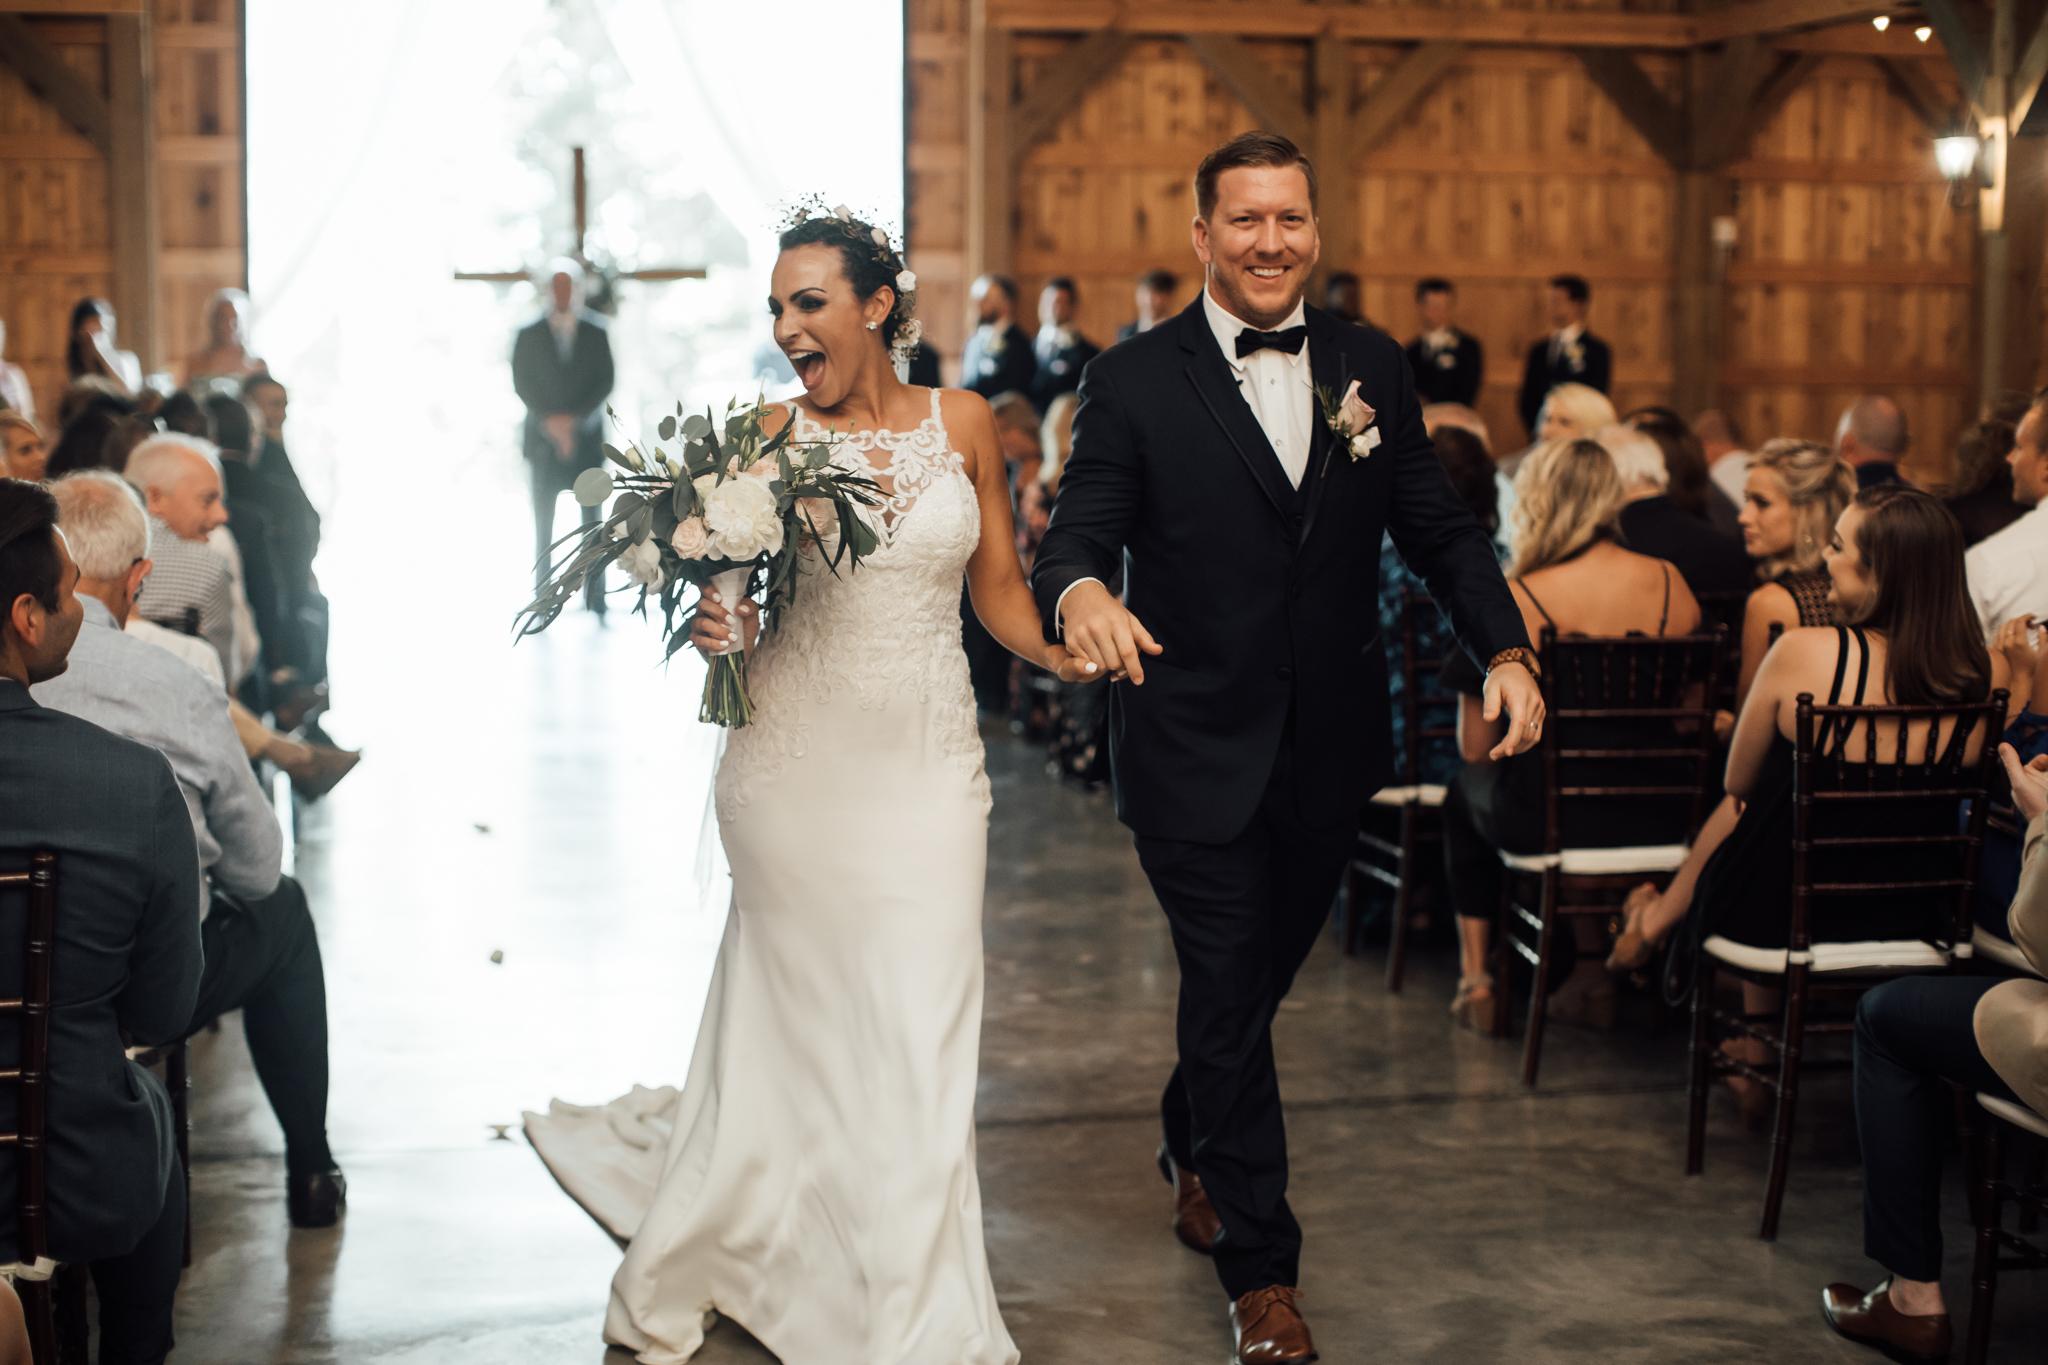 saddlewoodsfarms-nashville-wedding-photographer-thewarmtharoundyou-rustic-wedding (45 of 251).jpg